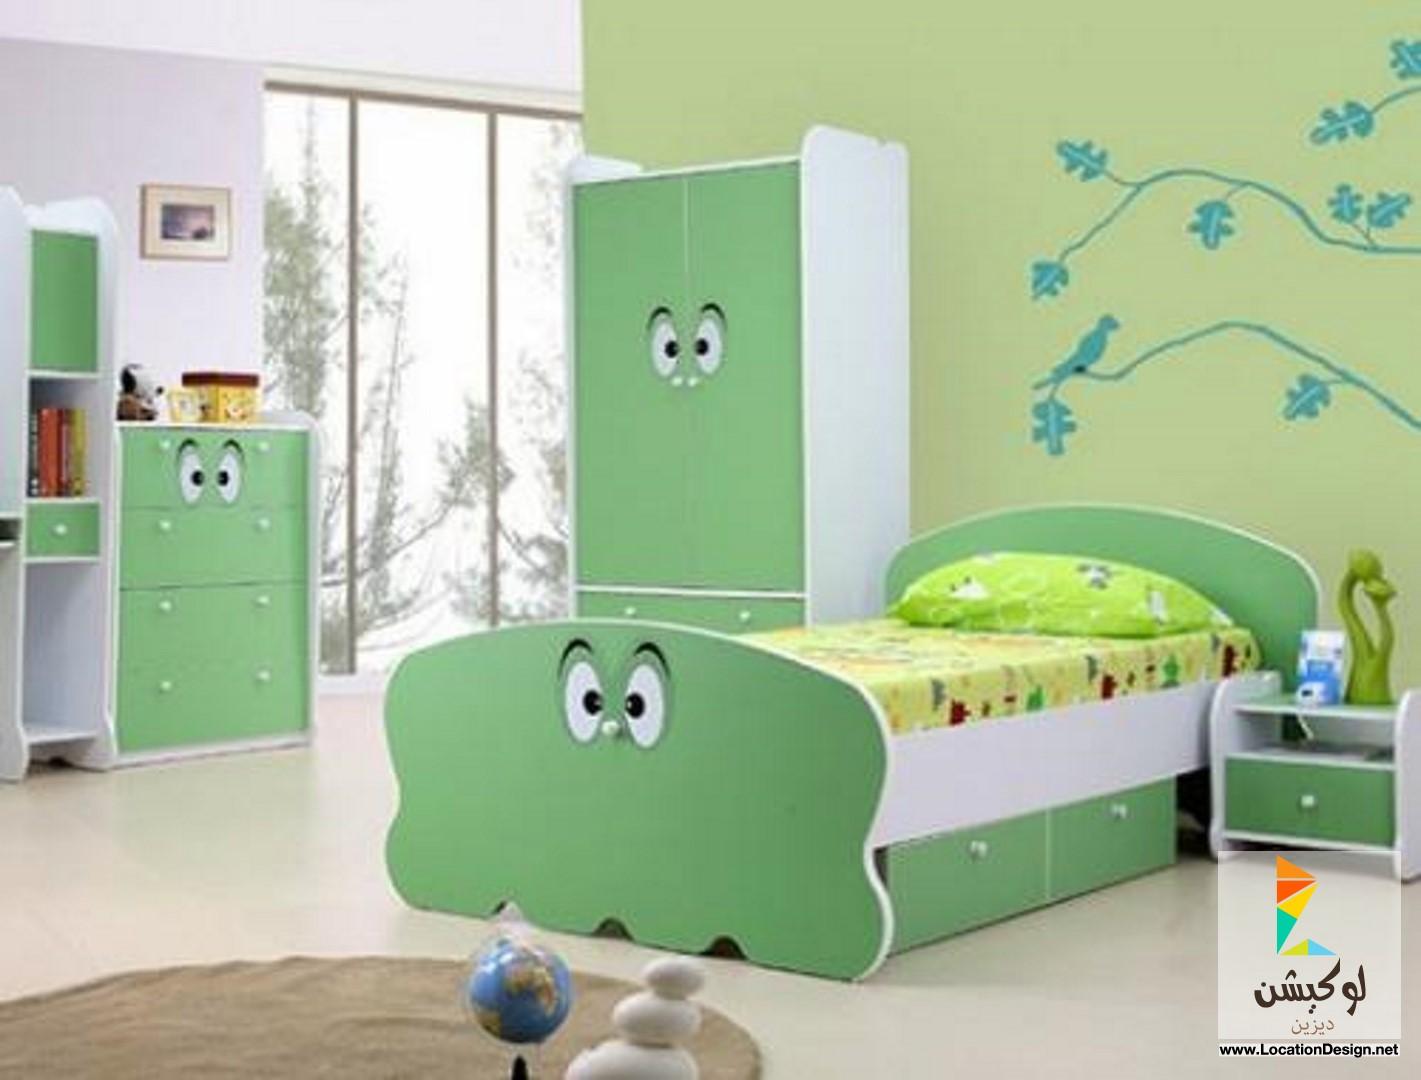 صوره اشكال غرف نوم اطفال , اجمل صور لغرف نوم الاطفال